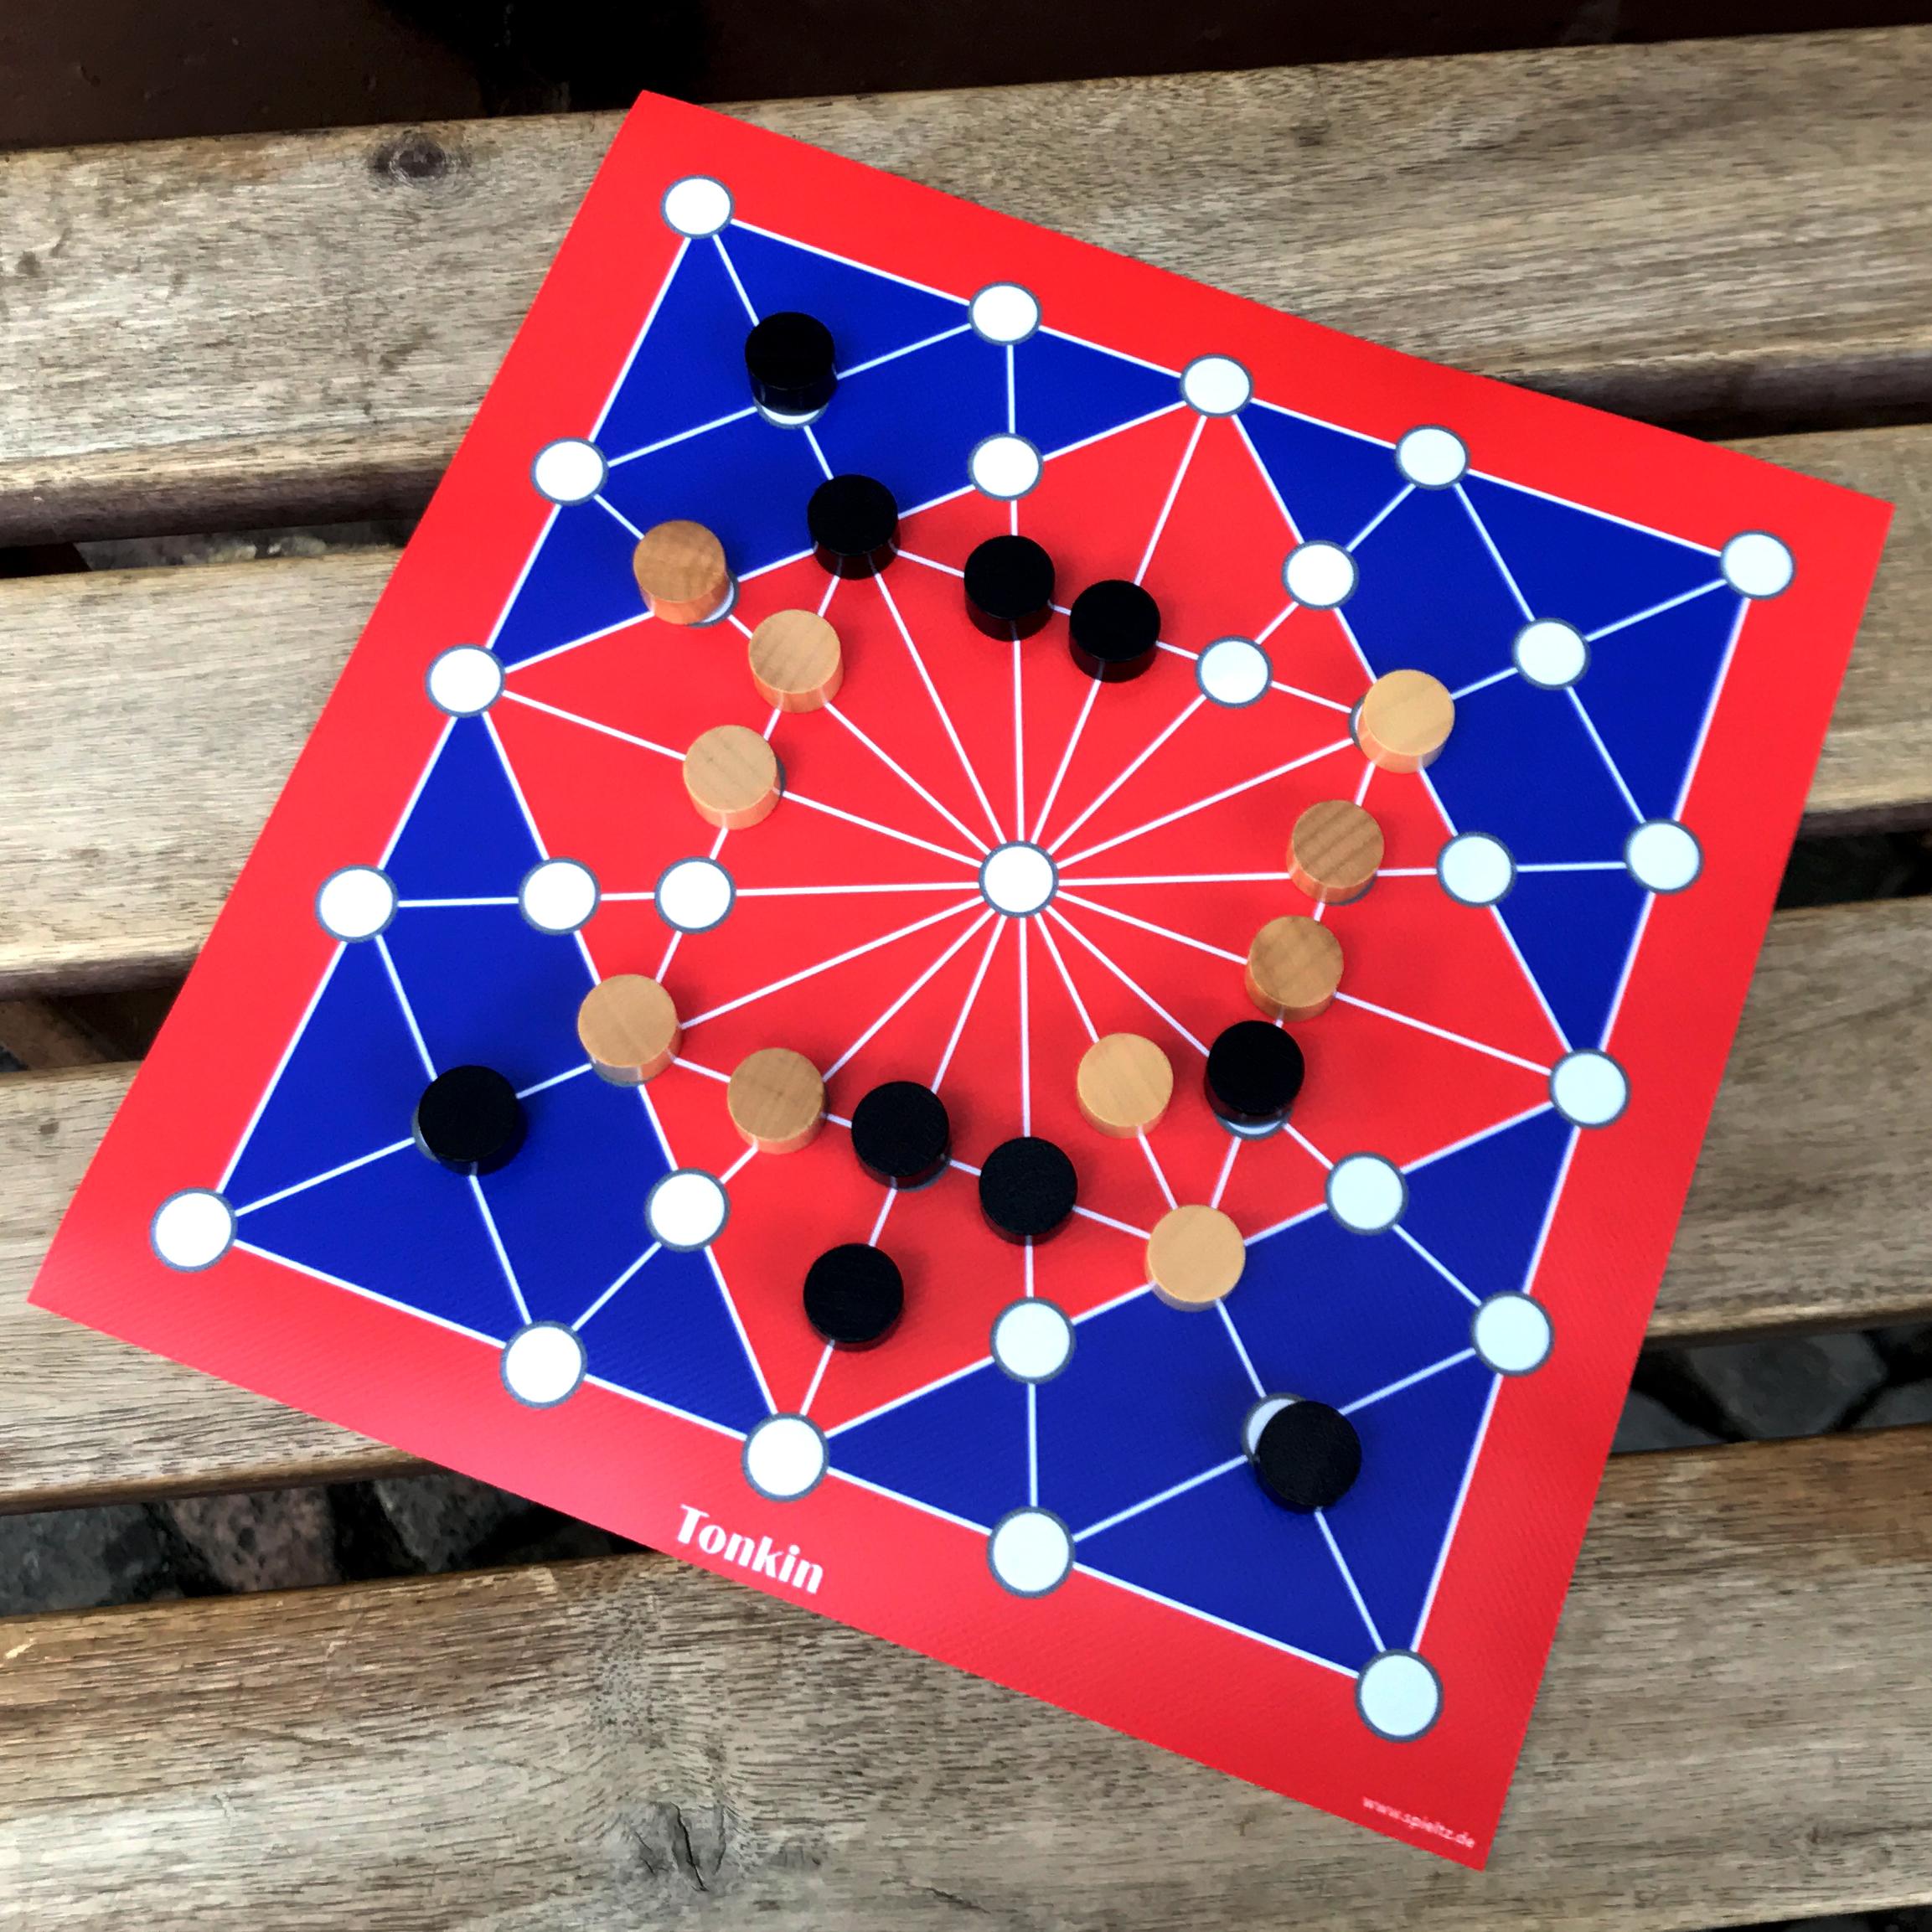 tonkin-reisespiel-quadratisch-foto-IMG_2486